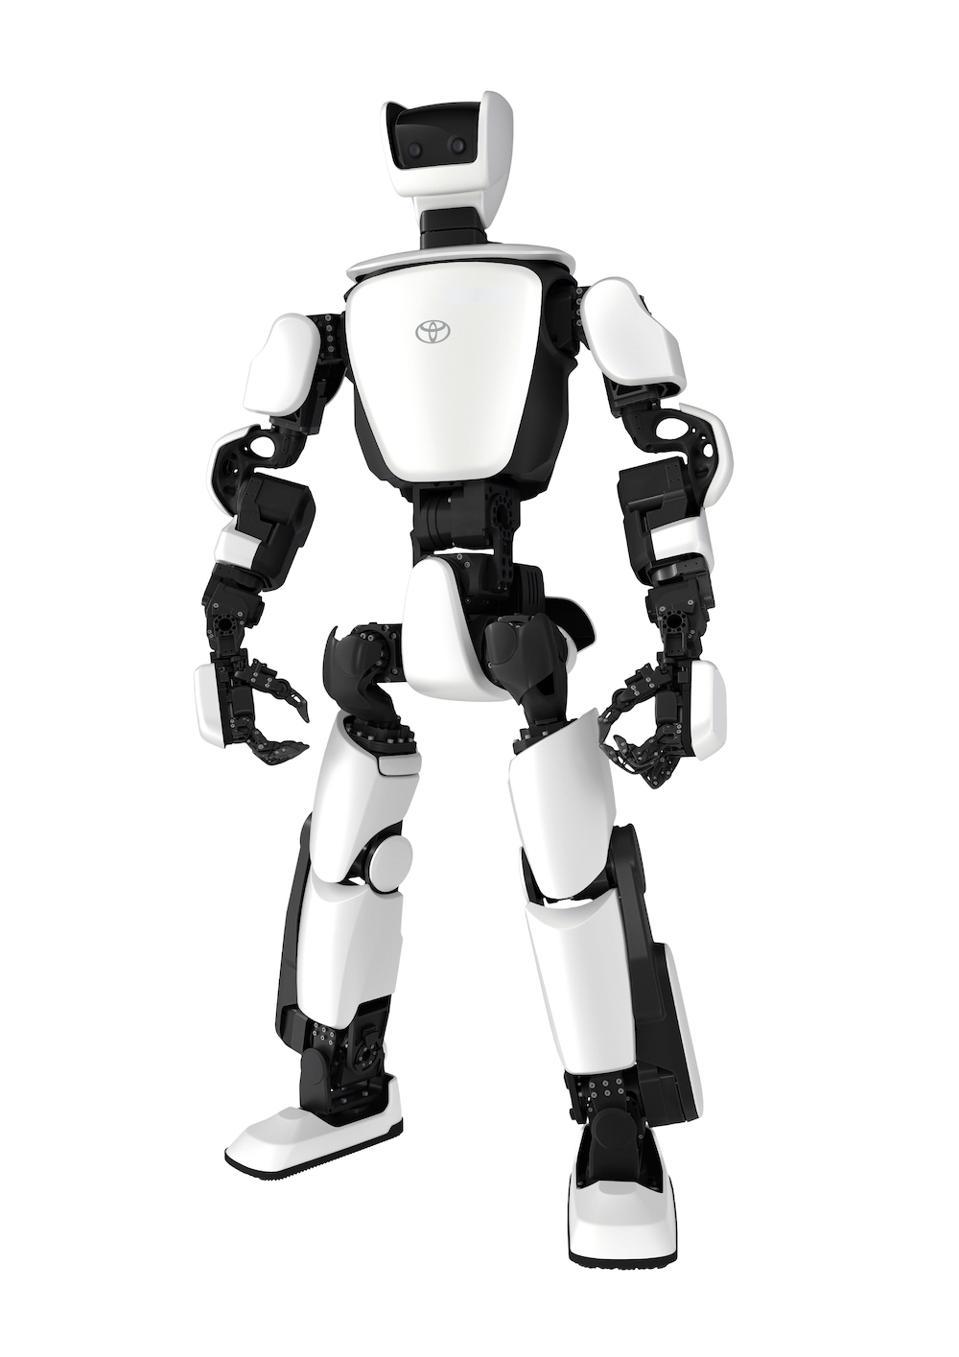 HSR robot